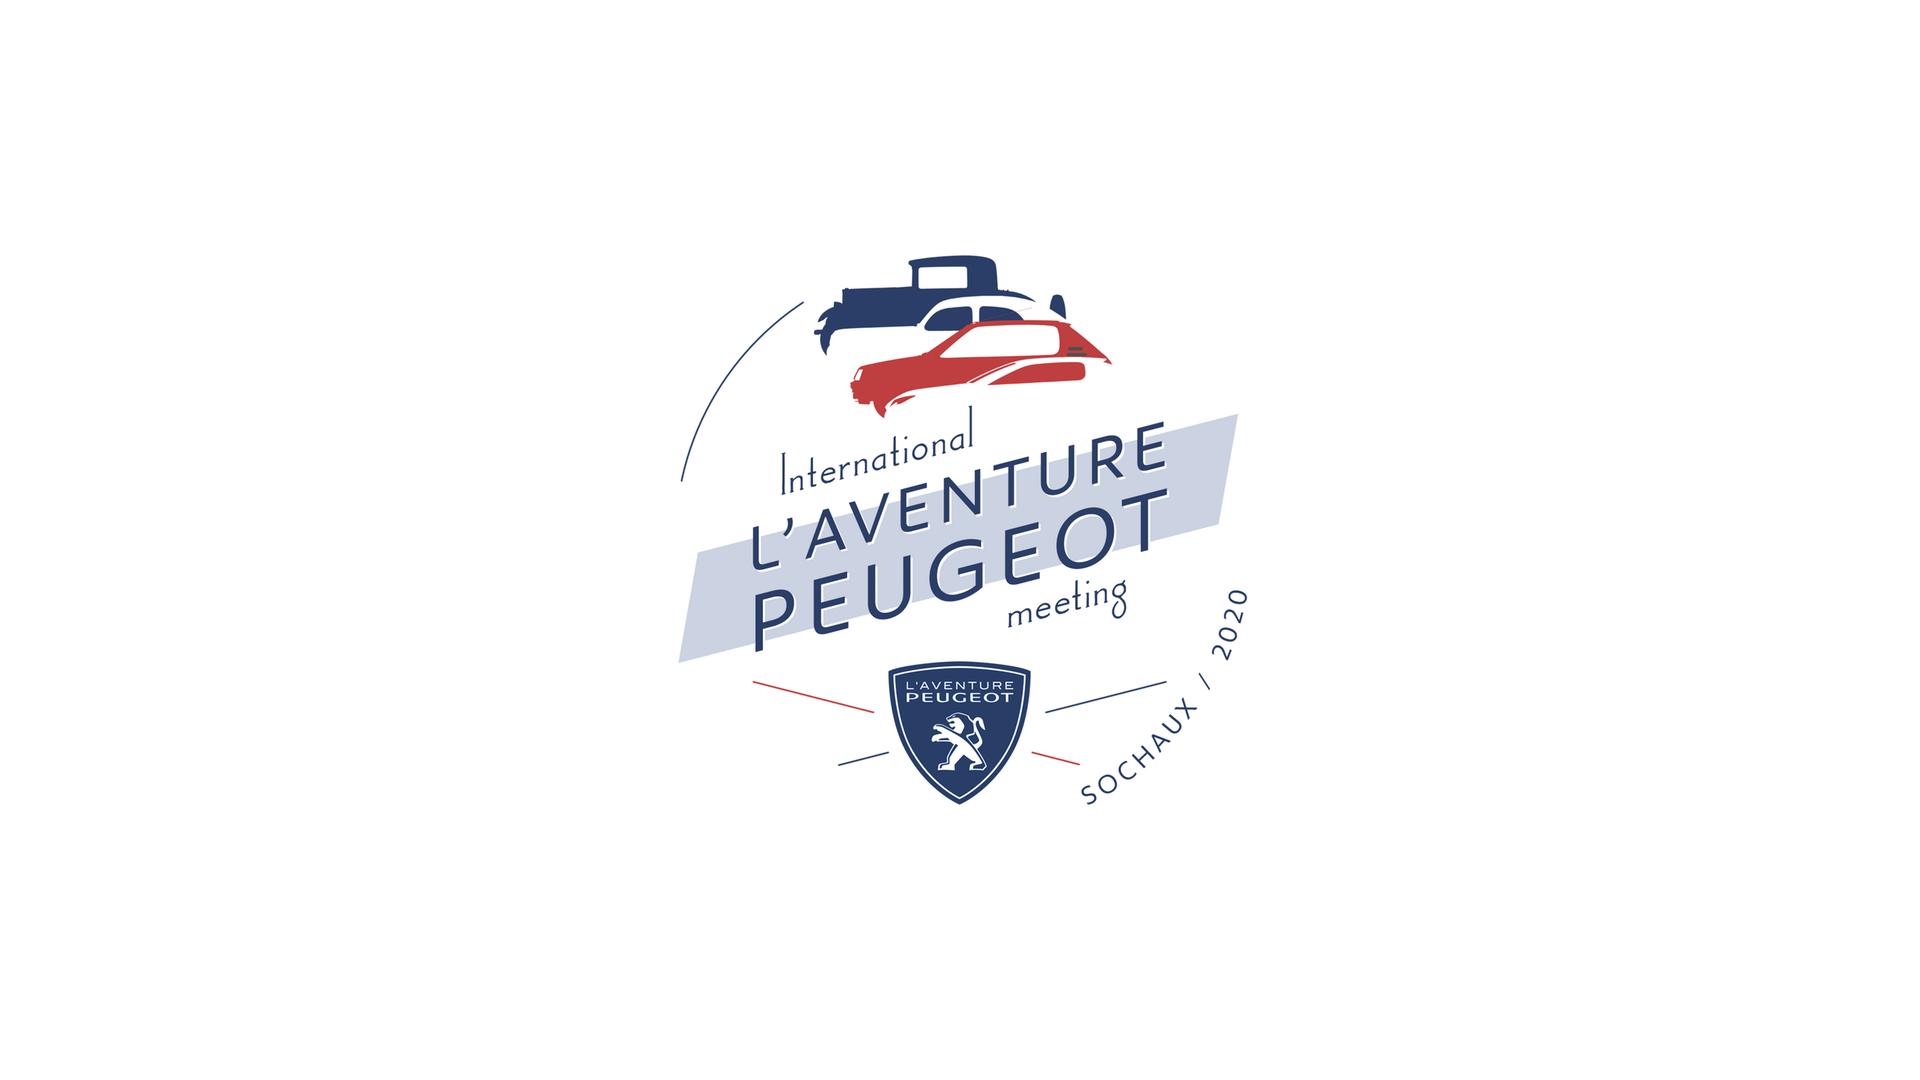 Rassemblement international Peugeot à Sochaux du 12 au 14 juin 2020 Iapm2010